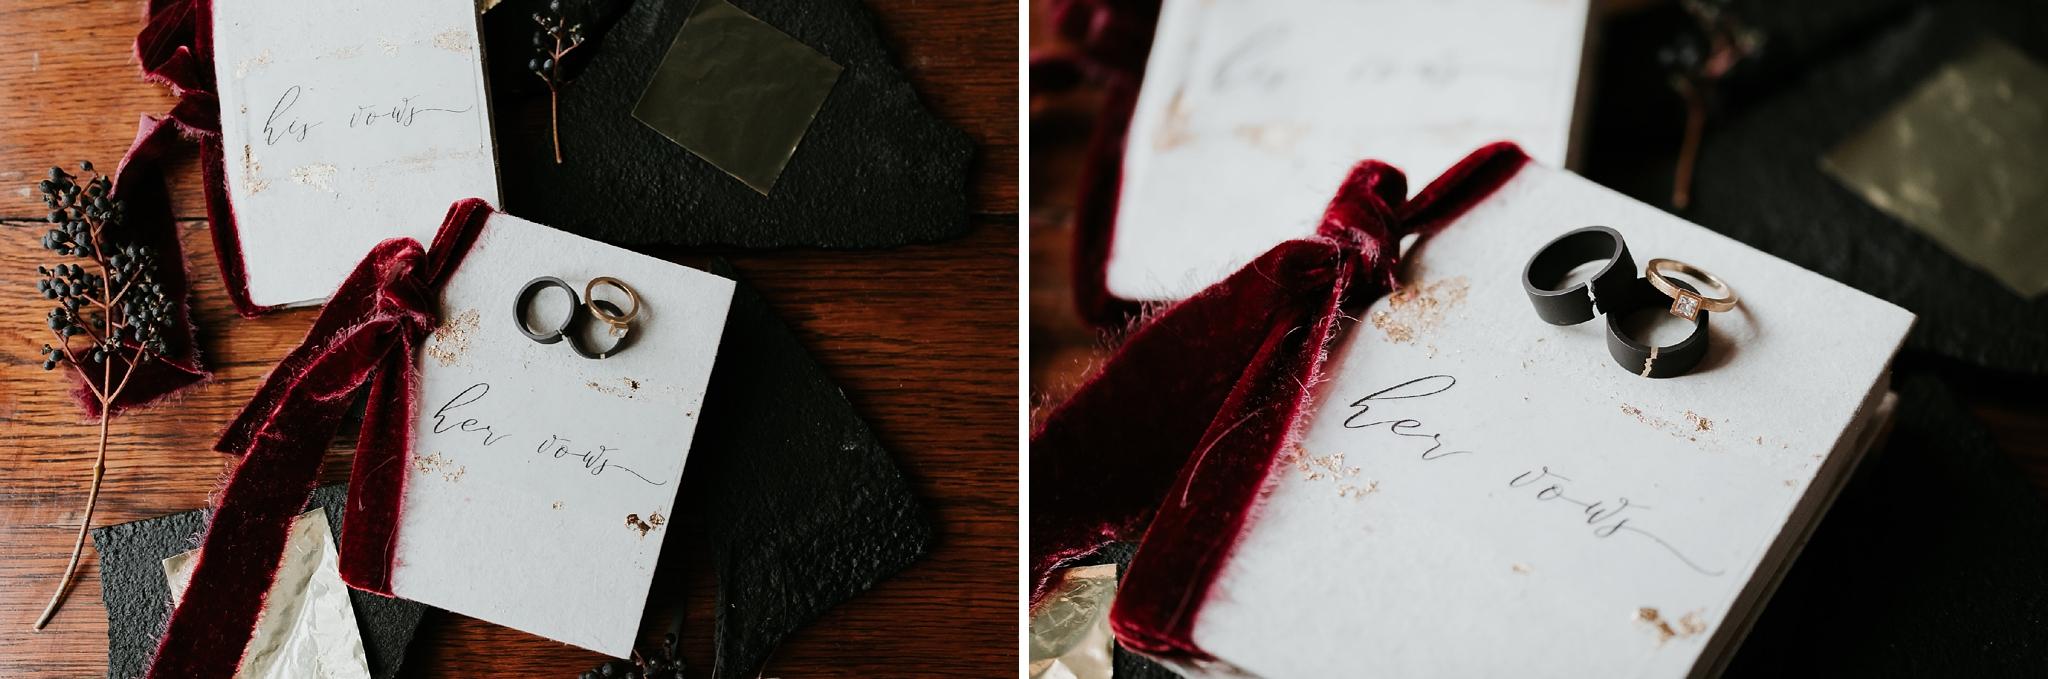 Alicia+lucia+photography+-+albuquerque+wedding+photographer+-+santa+fe+wedding+photography+-+new+mexico+wedding+photographer+-+new+mexico+wedding+-+wedding+vows+-+writing+your+own+vows+-+wedding+inspo_0038.jpg